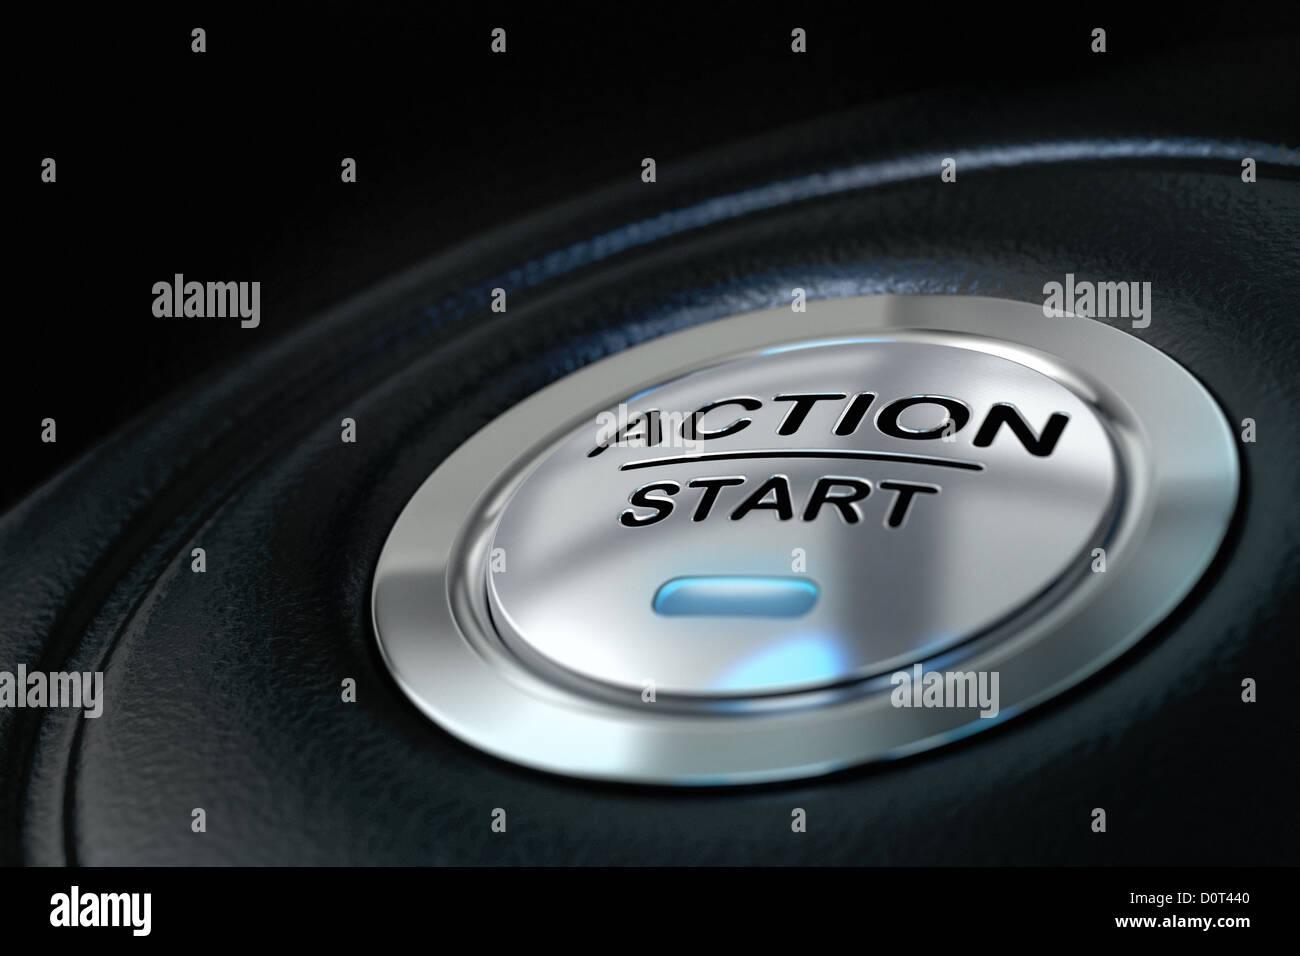 Azione spinto il pulsante di avviamento su sfondo nero, luce blu, il concetto di motivazione Immagini Stock